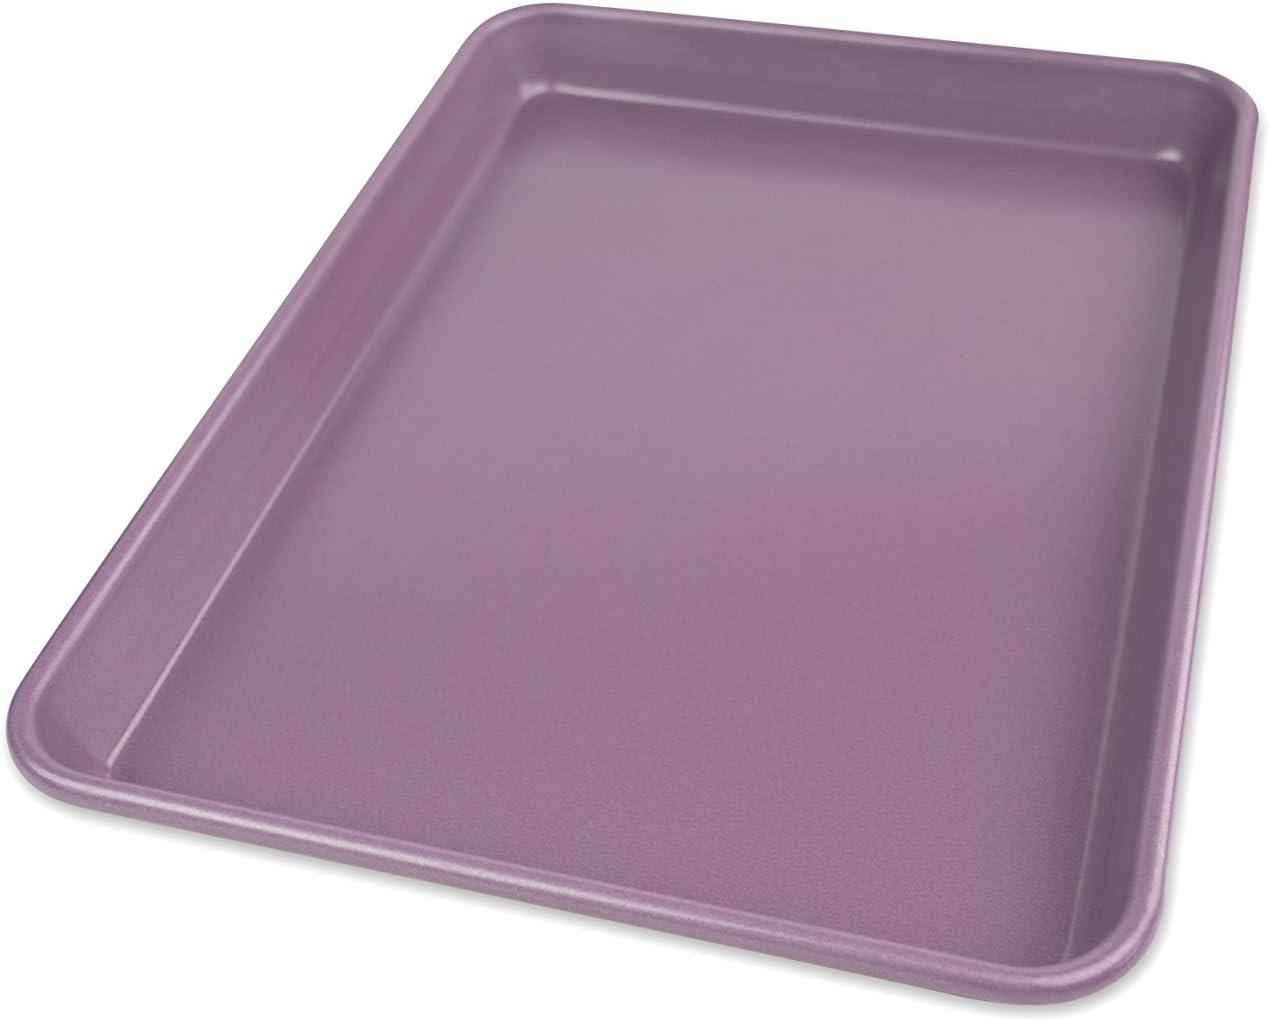 USA Pan Allergy Id Nonstick Quarter Sheet Baking Pan, Purple